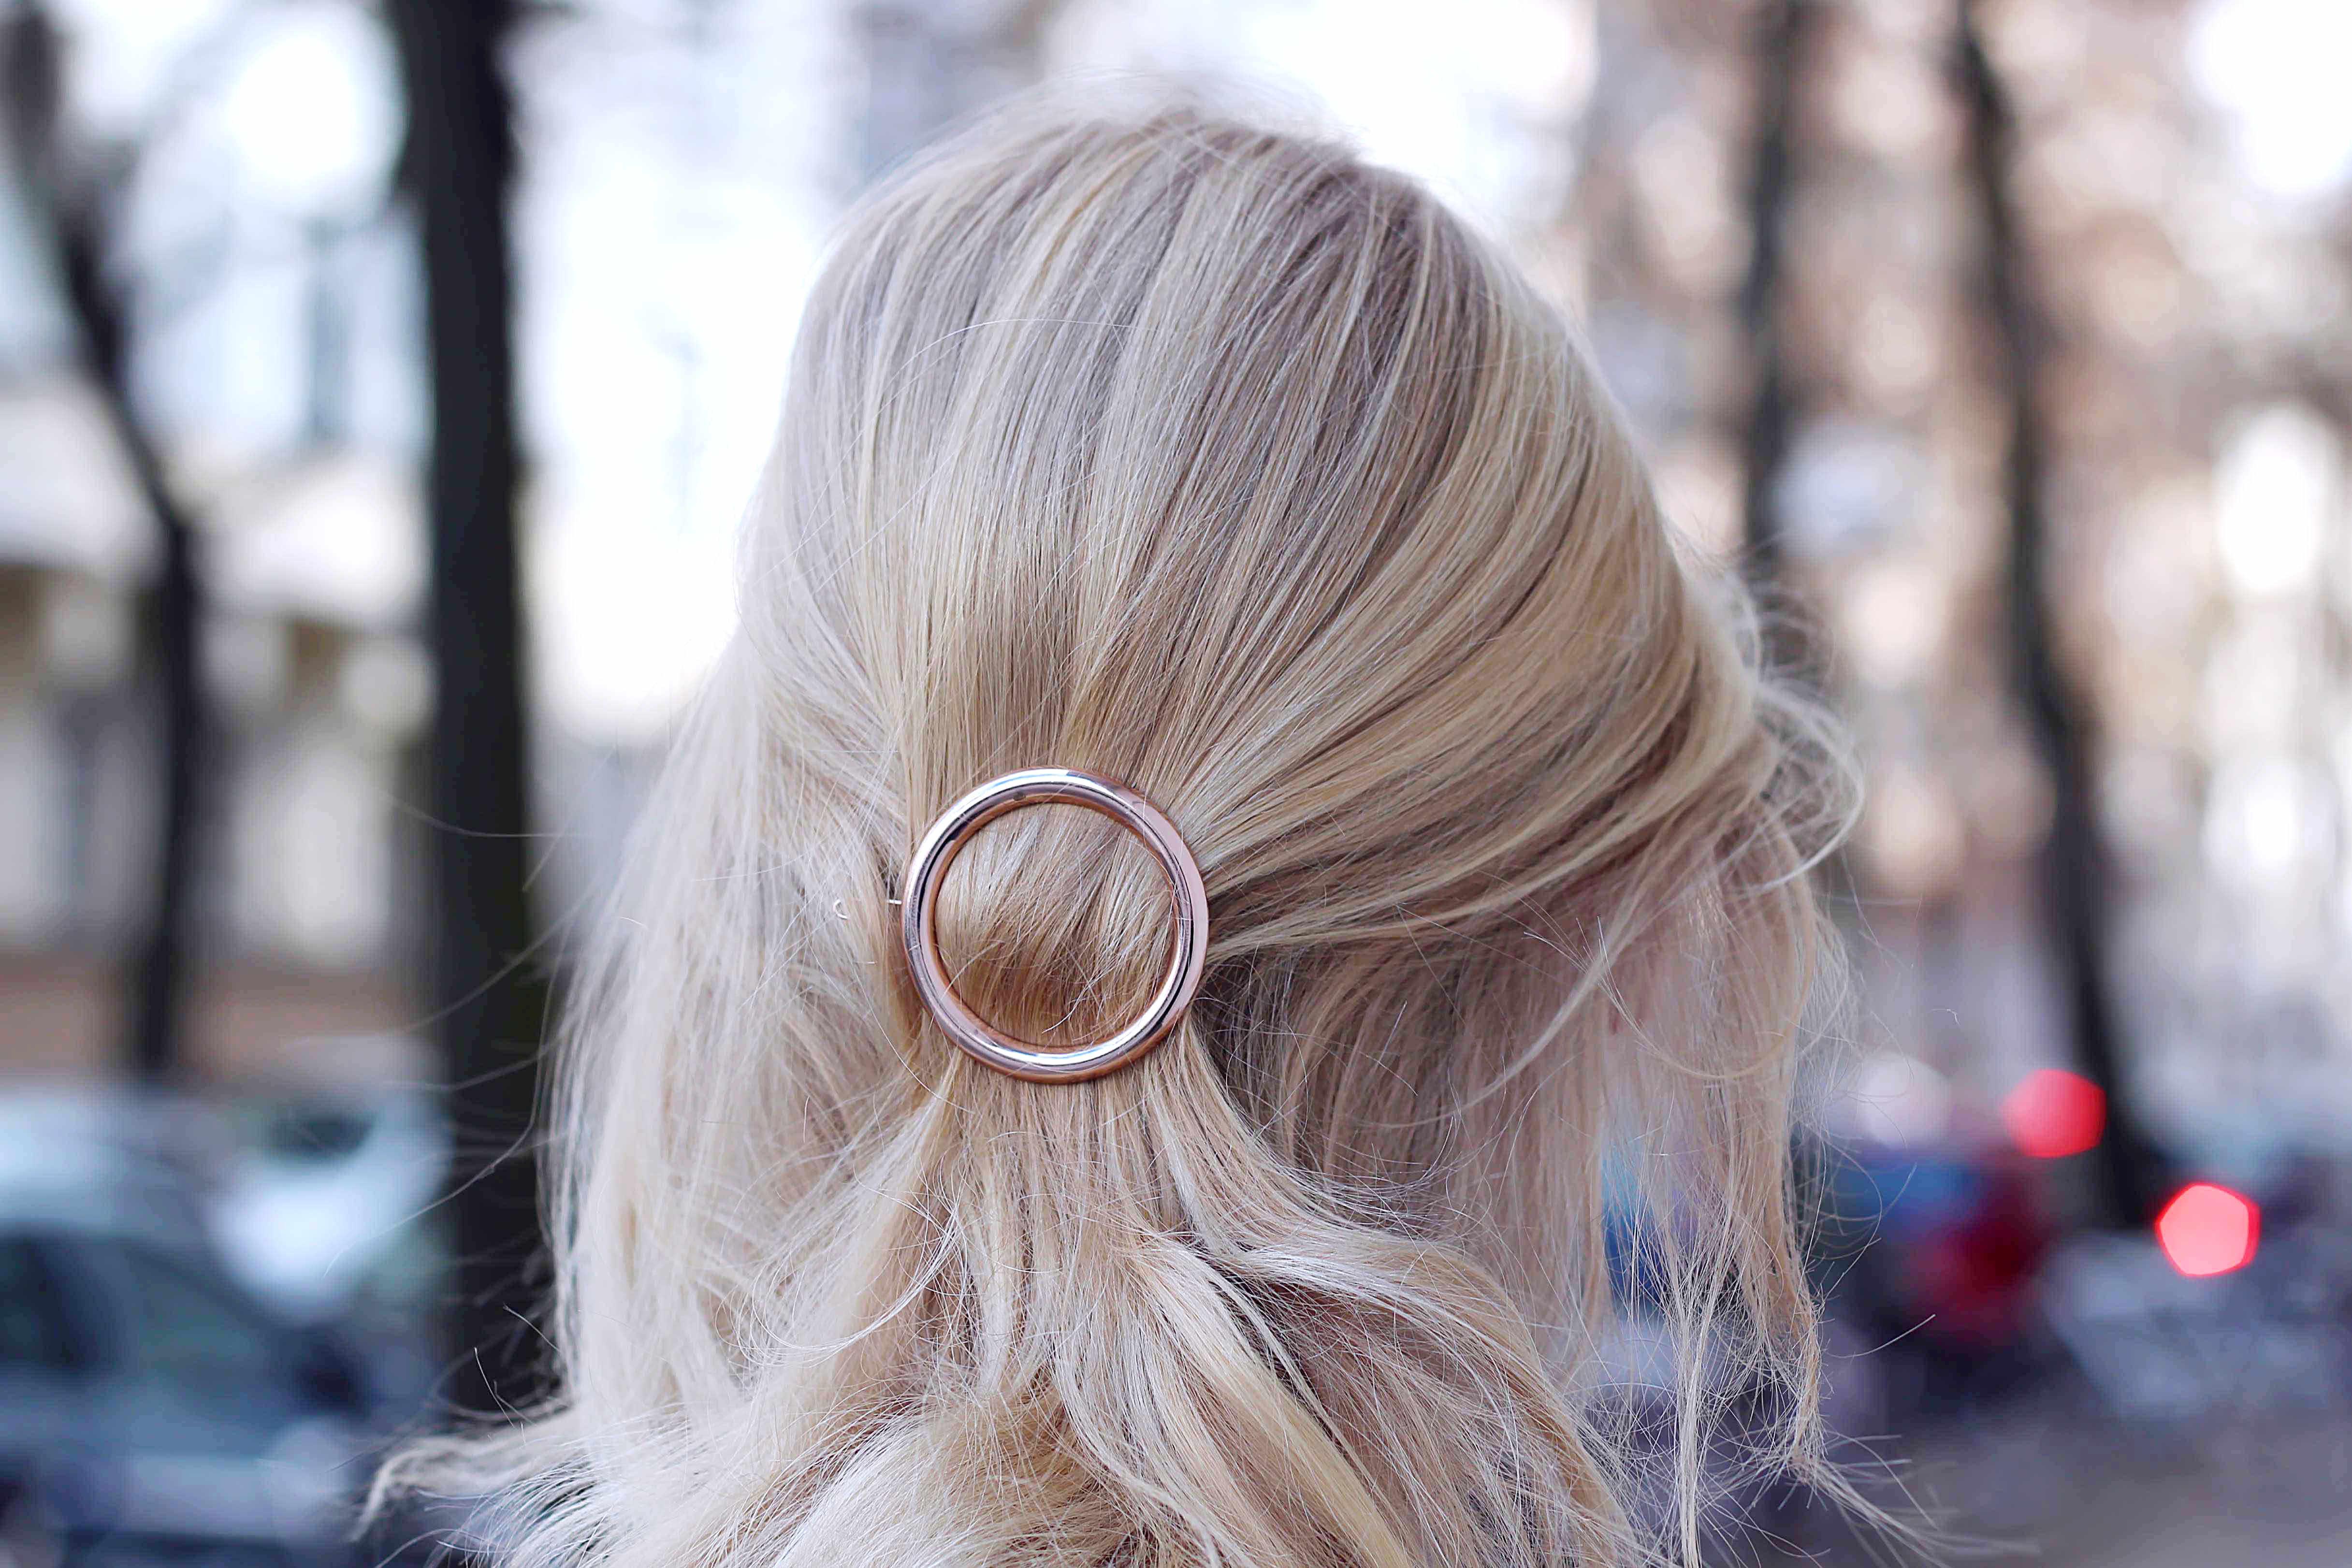 Celine hair accessory